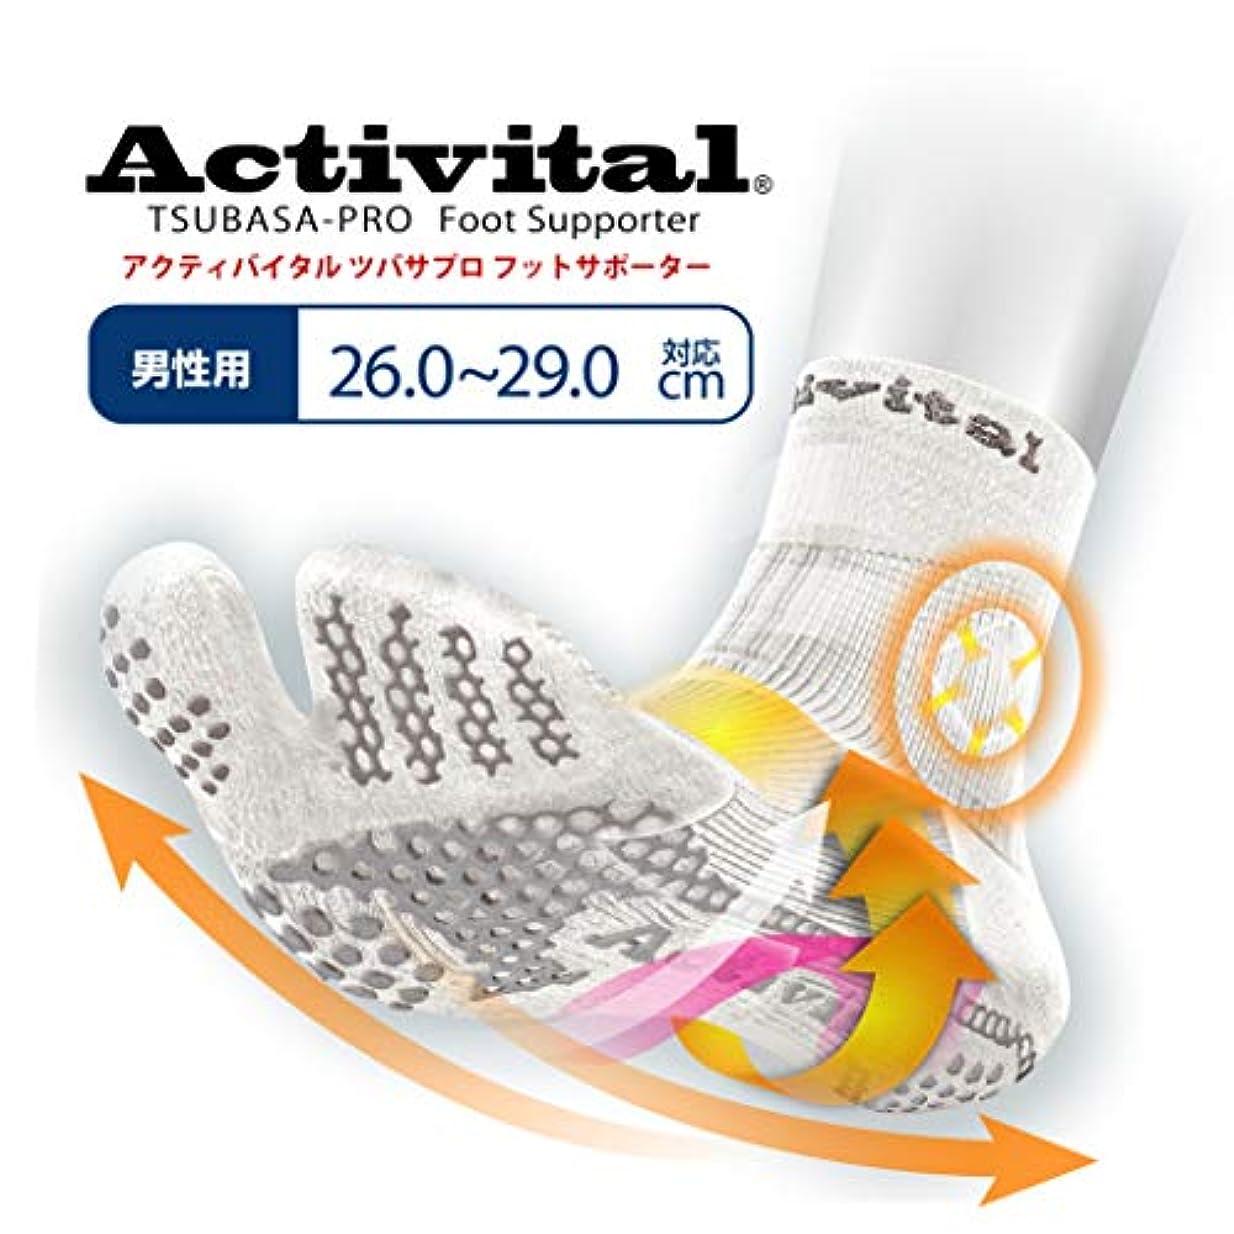 レオナルドダできれば自伝Activital アクティバイタル フットサポーター L-LLサイズ ホワイト